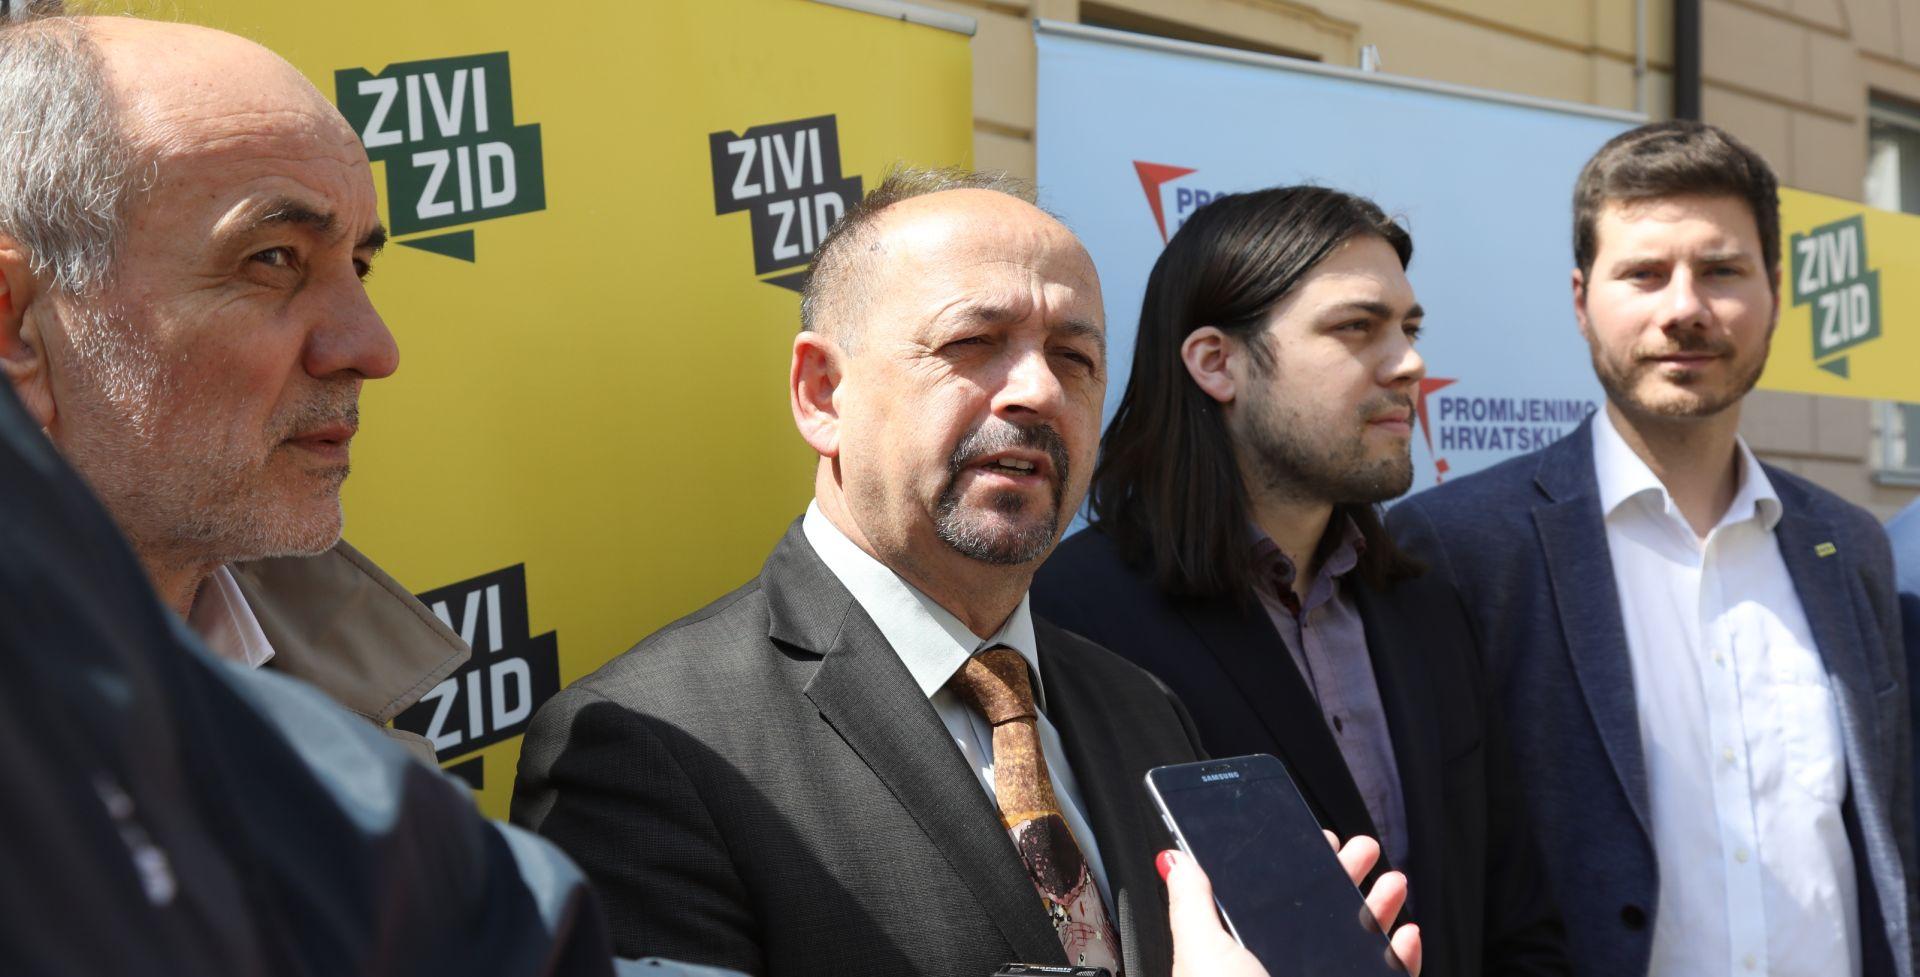 Lovrinović predao potpise za kandidaturu za gradonačelnika Zagreba i listu za Gradsku skupštinu